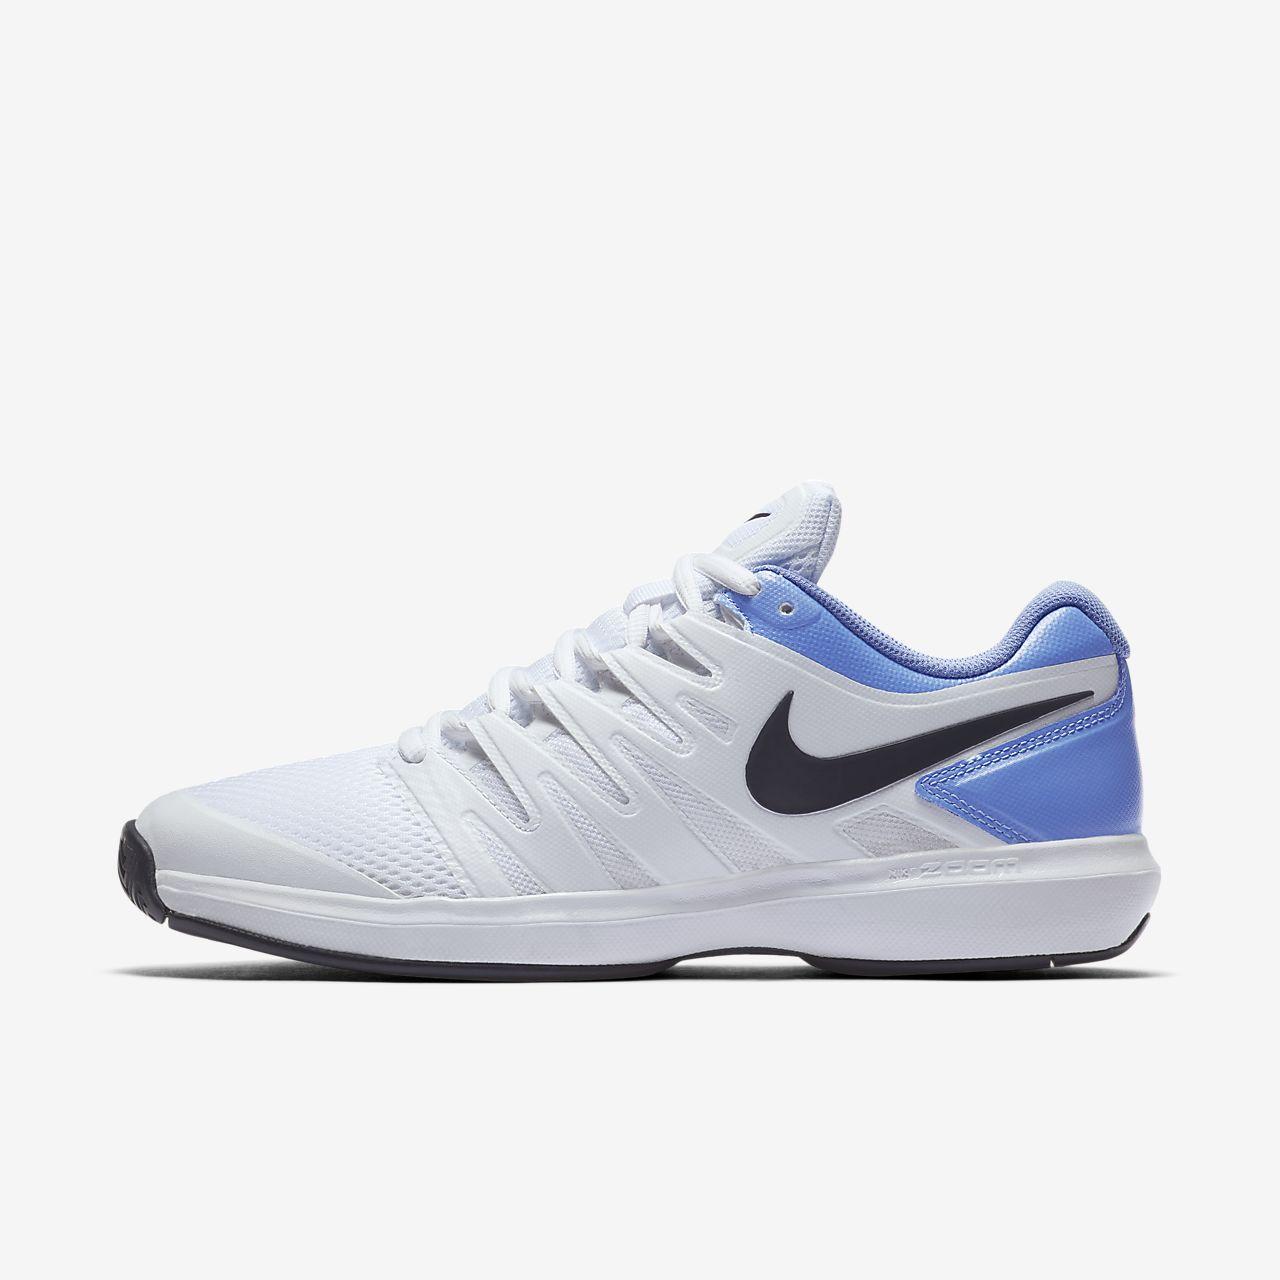 Ανδρικό παπούτσι τένις NikeCourt Air Zoom Prestige